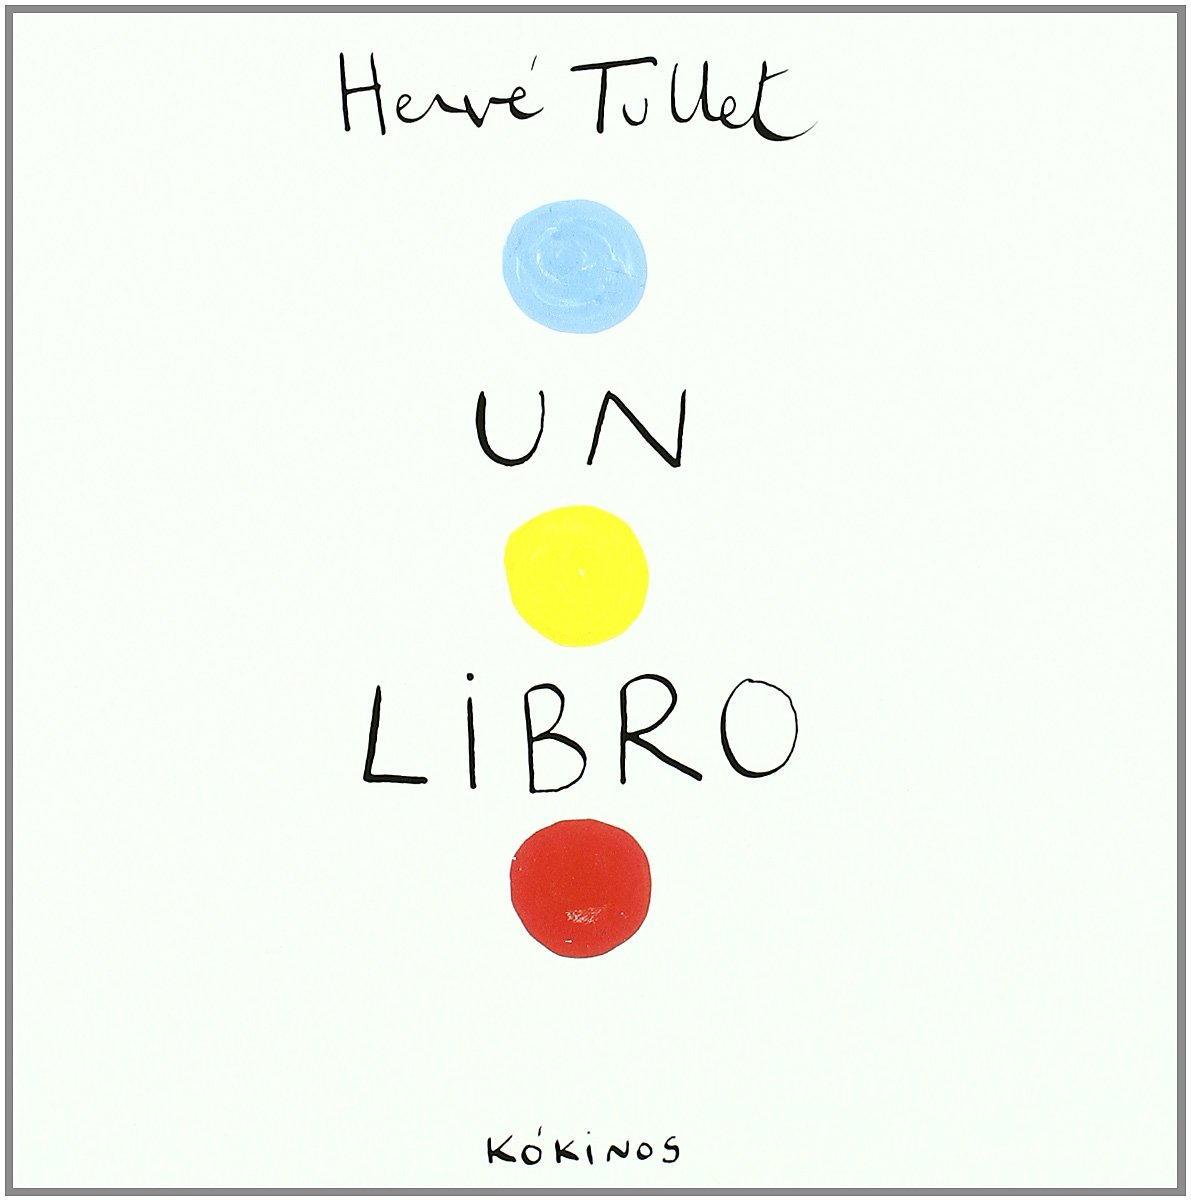 Un libro de Herve Tullet